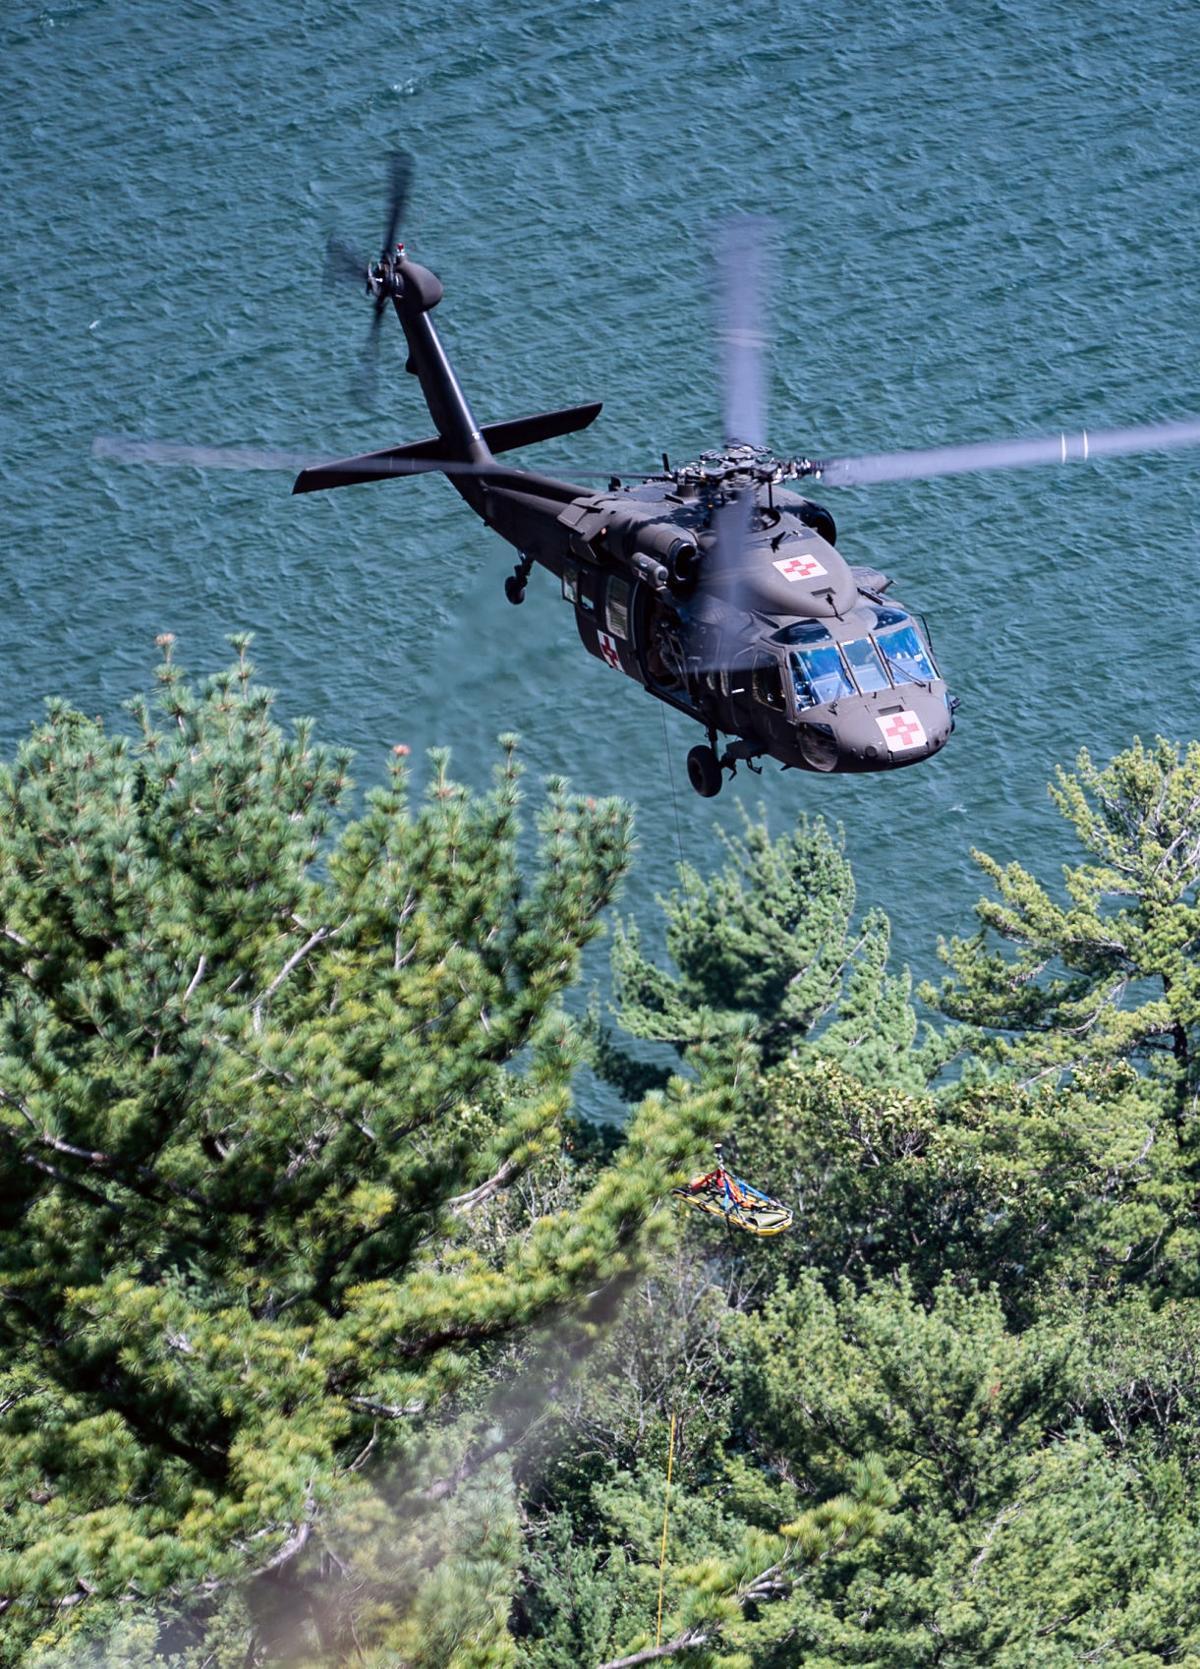 091419-bara-news-rescue-exercise-02